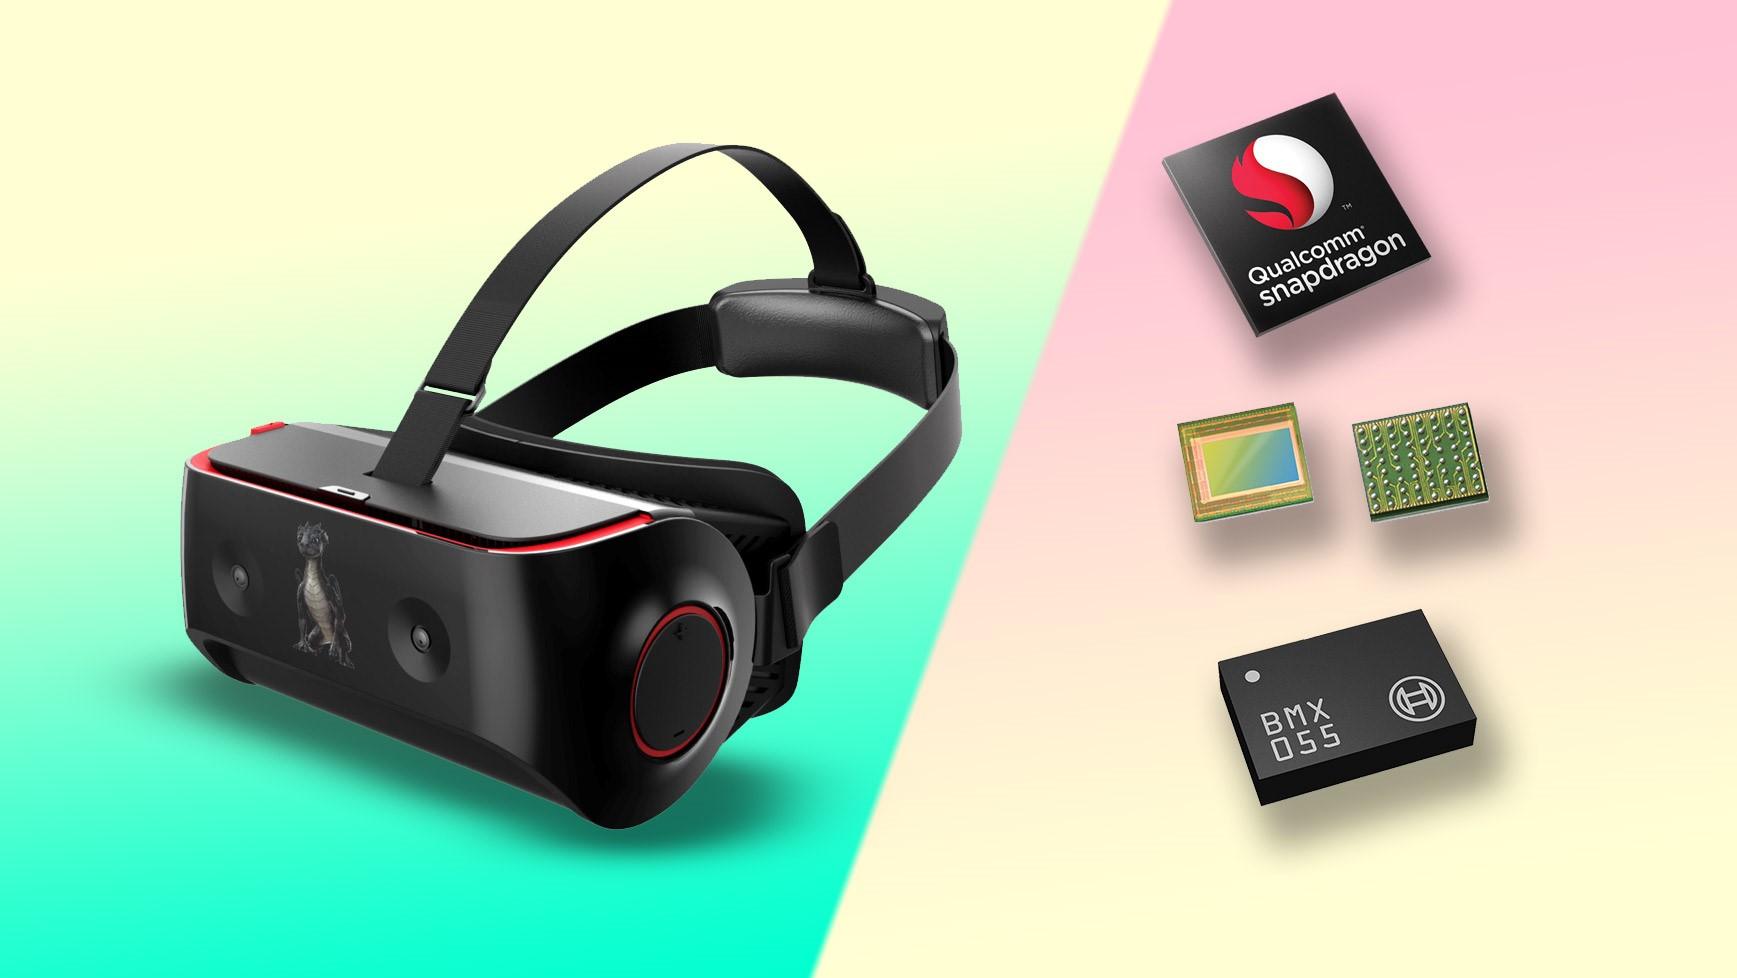 Рис. 2. Очки виртуальной реальности с чипом Snapdragon 835.